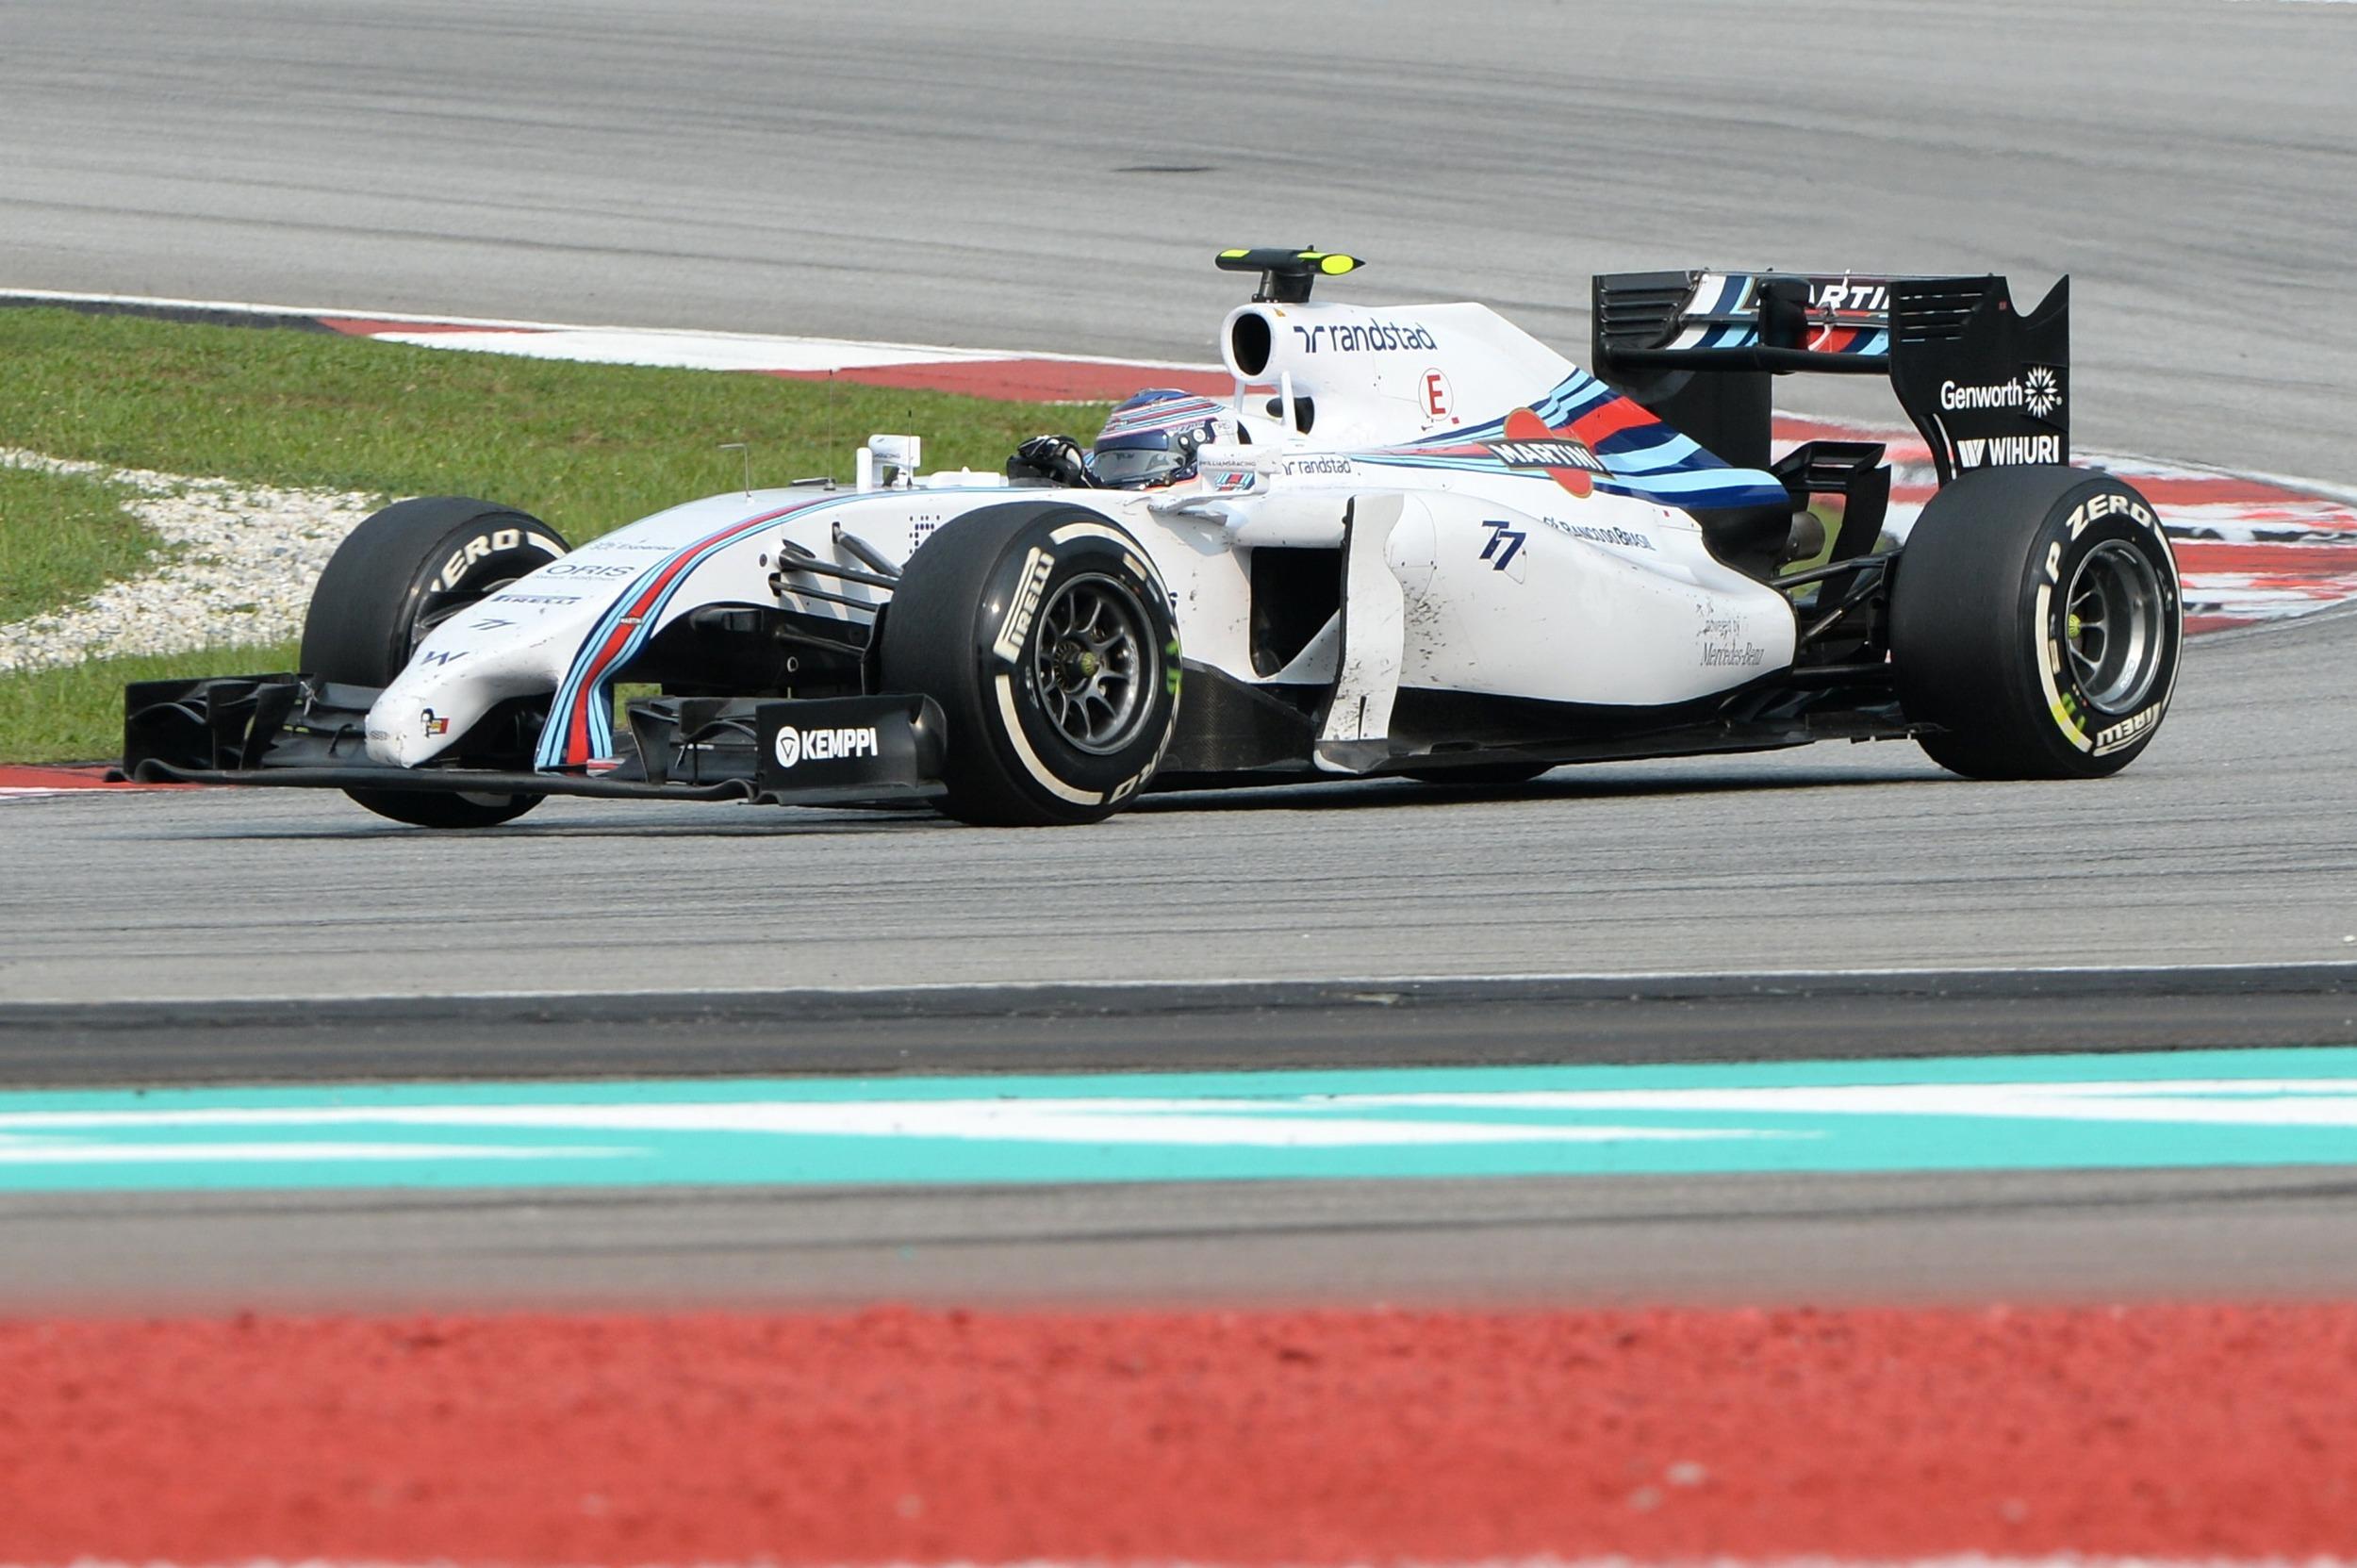 Bottas Malaysia 2014 Williams